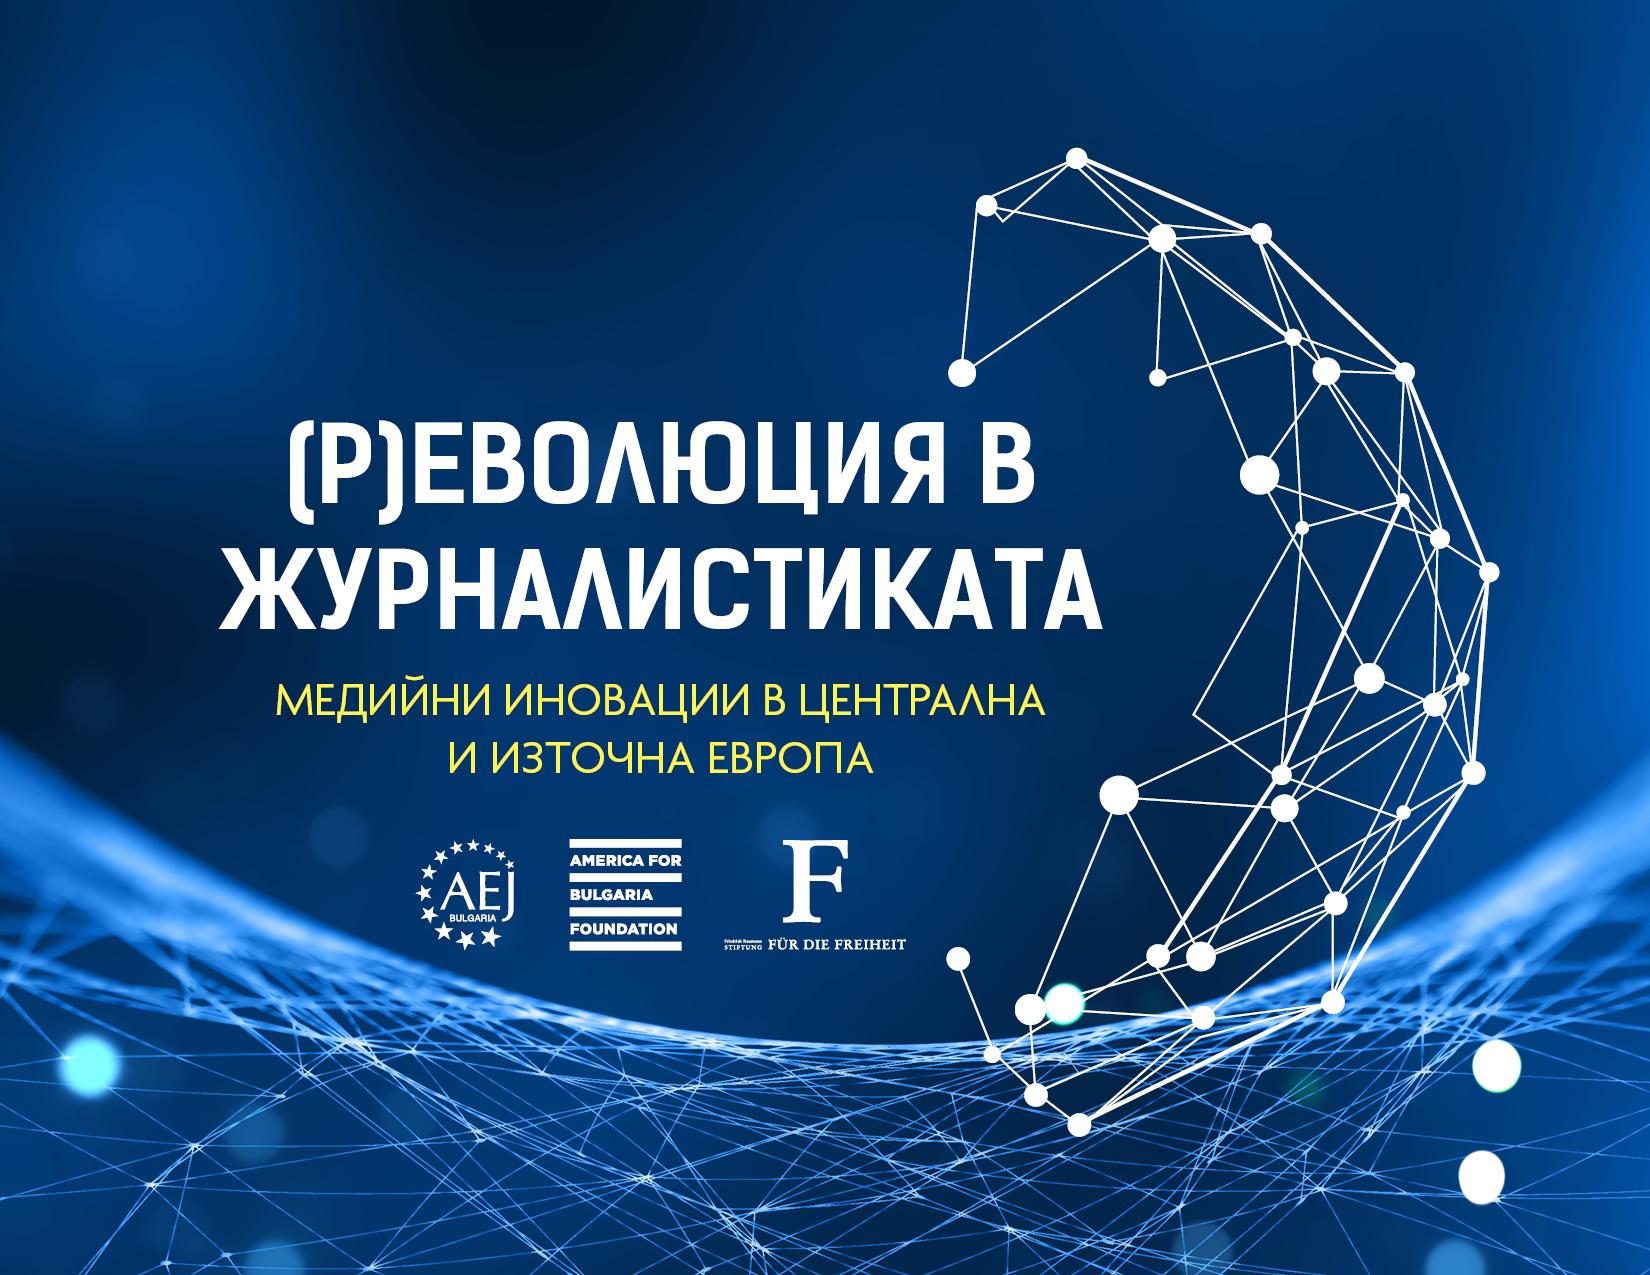 АЕЖ-България представя медийните иновации в Централна и Източна Европа